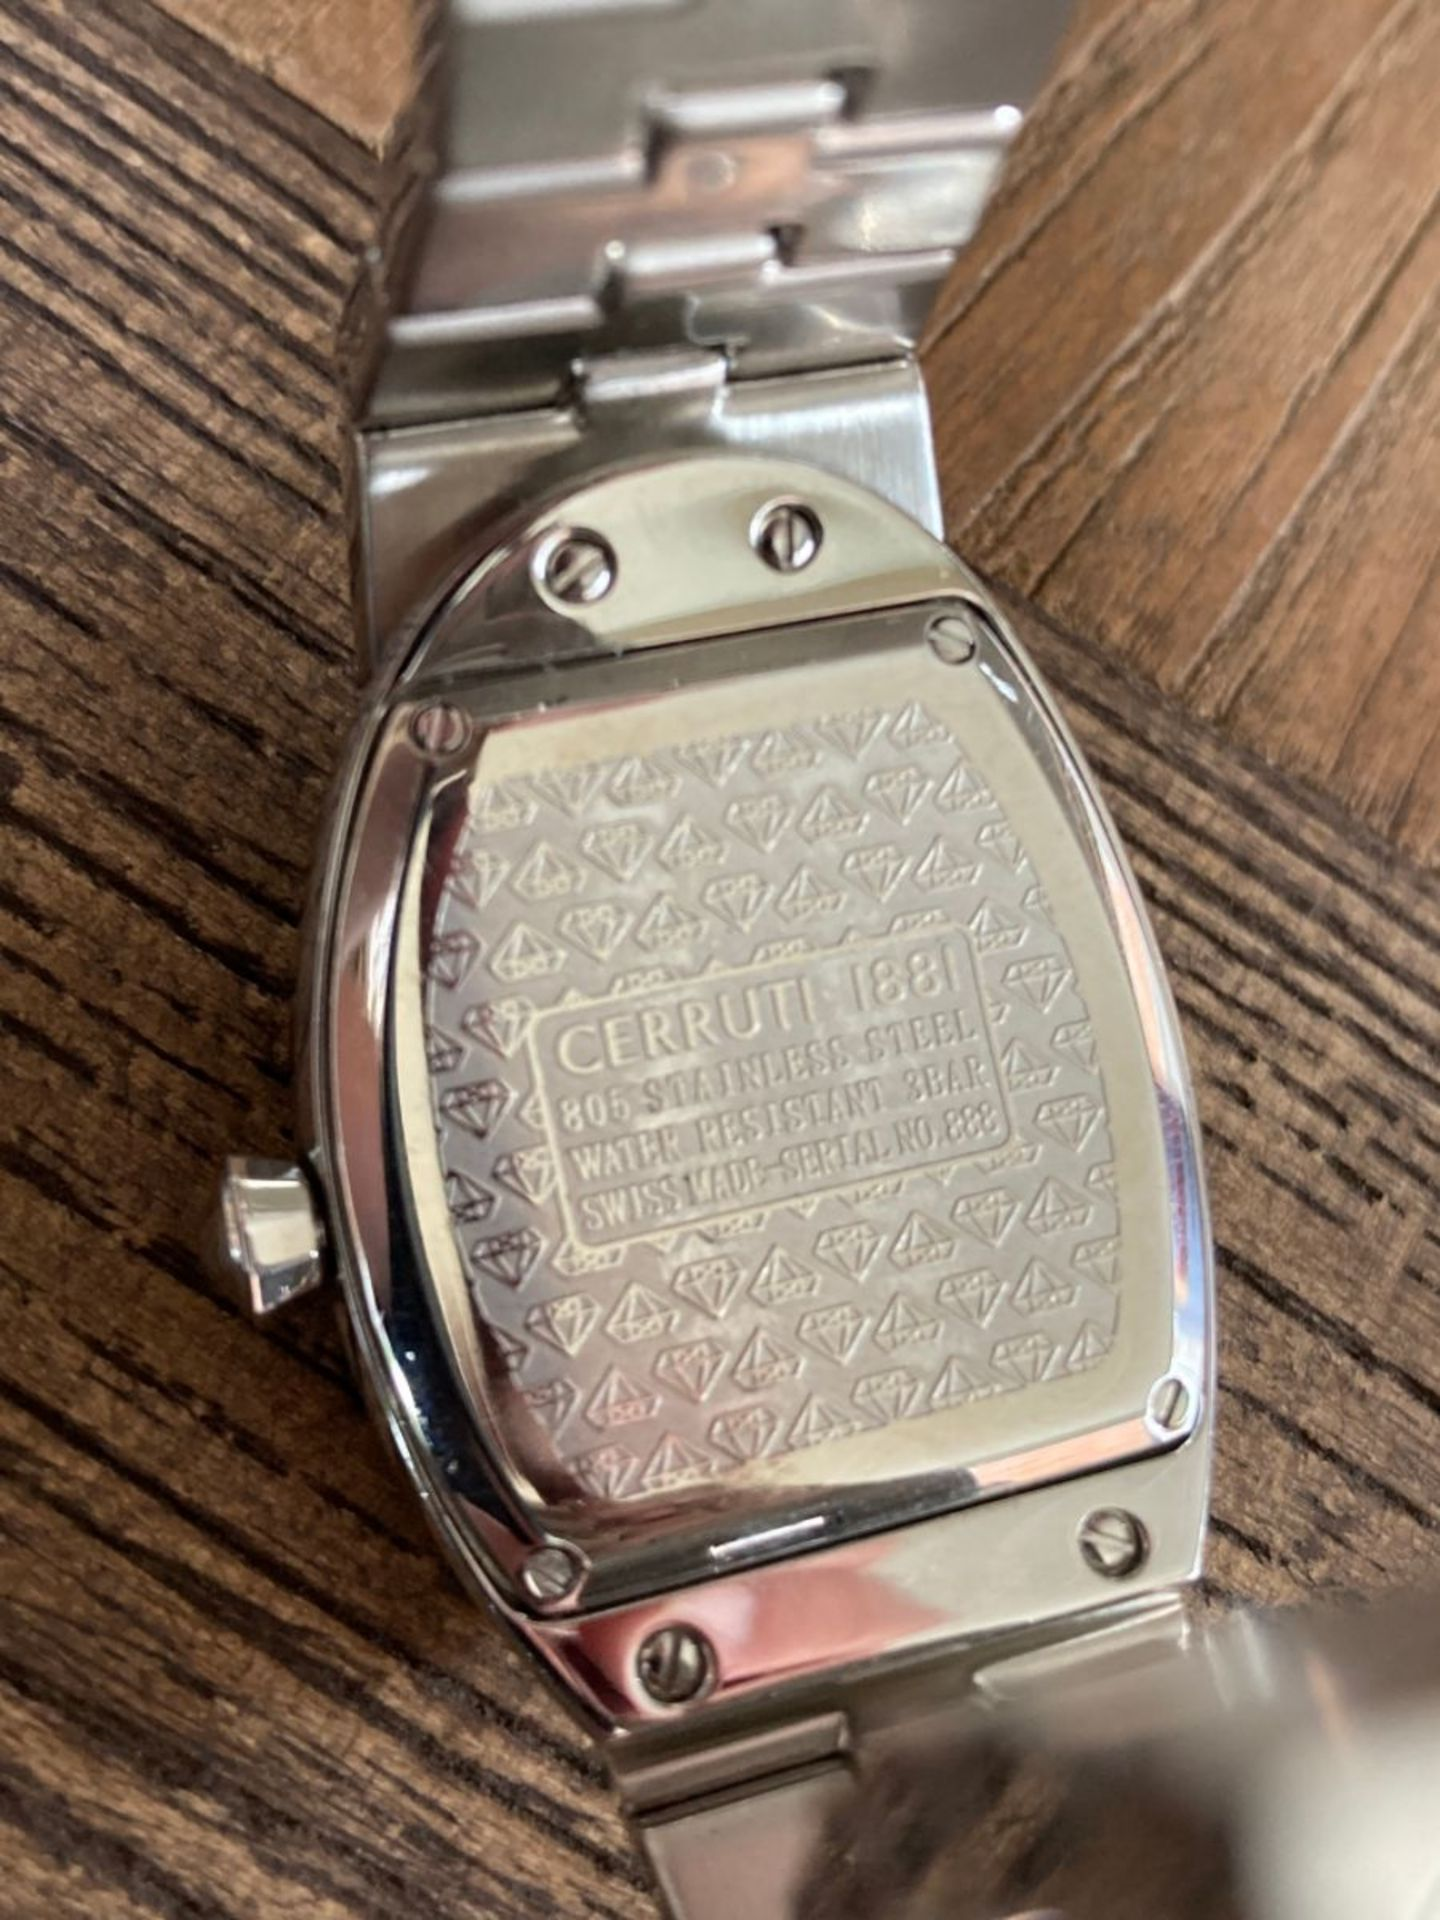 CERRUTI 1881 WATCH - DIAMOND SET - Image 4 of 5